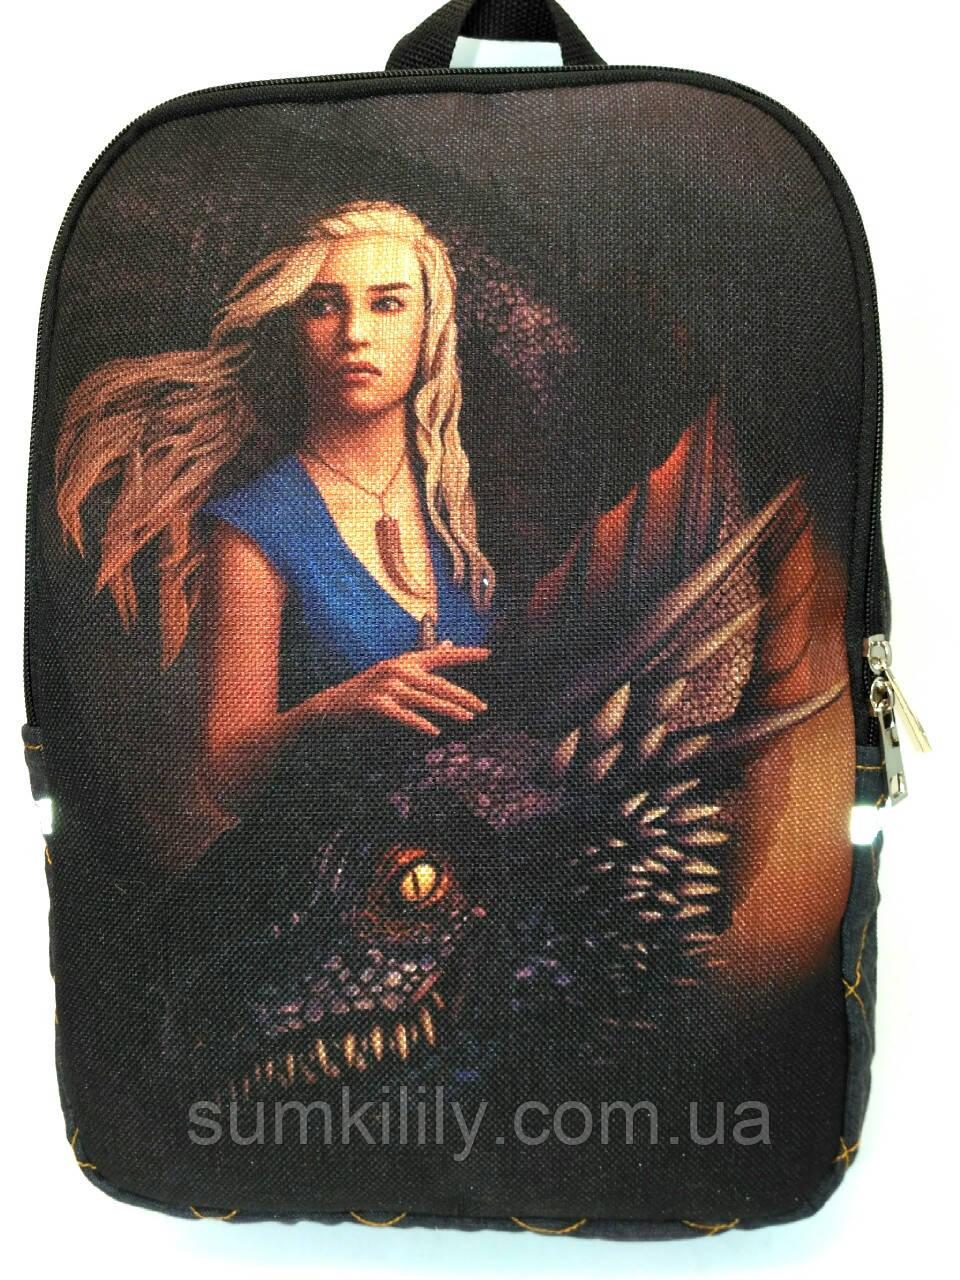 Джинсовый рюкзак Игра престолов 2